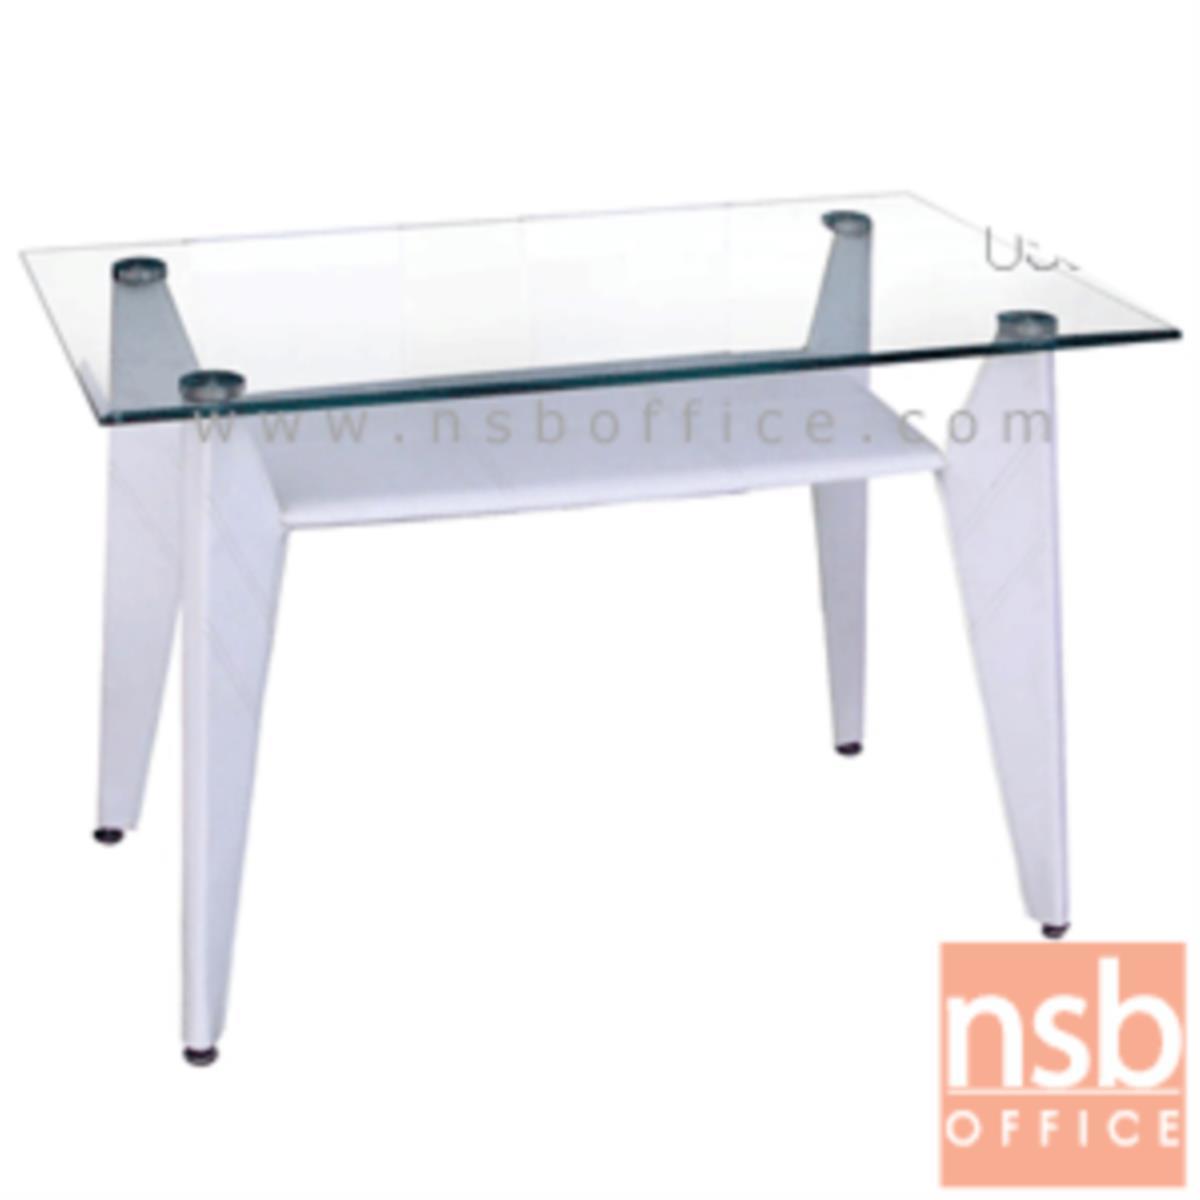 โต๊ะประชุมเหลี่ยมหน้ากระจก รุ่น Remigio (เรมีโจ) ขนาด 120W cm.  ขาเหล็กหุ้มหนัง